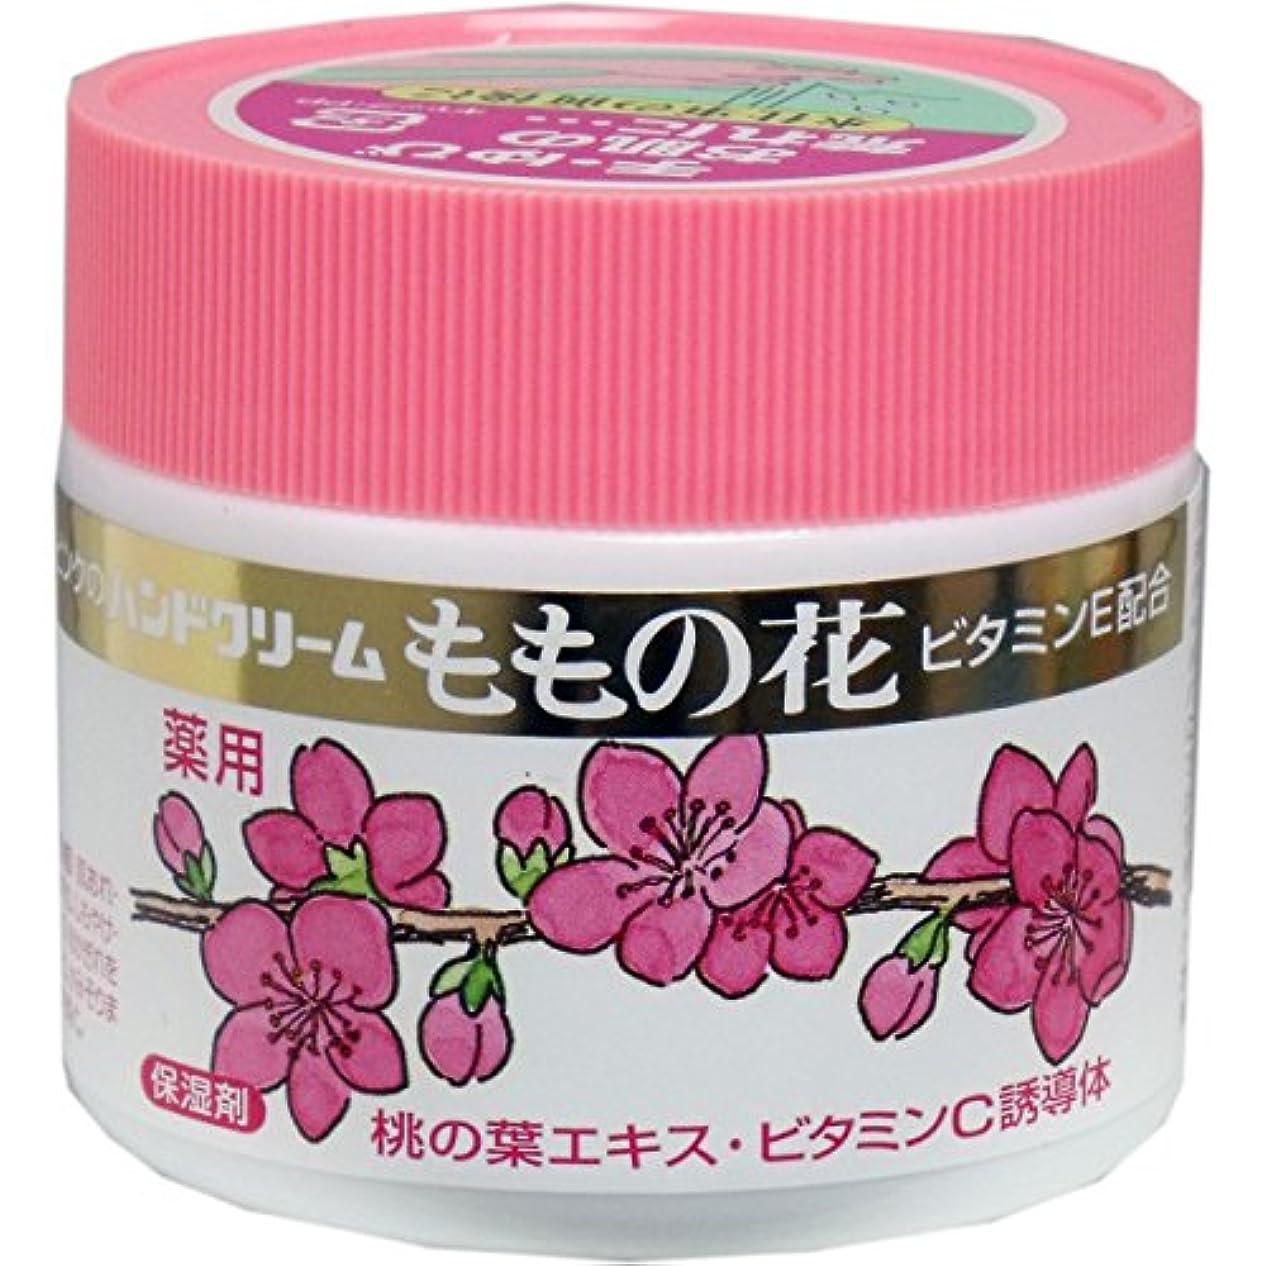 オリヂナル 薬用ハンドクリーム ももの花